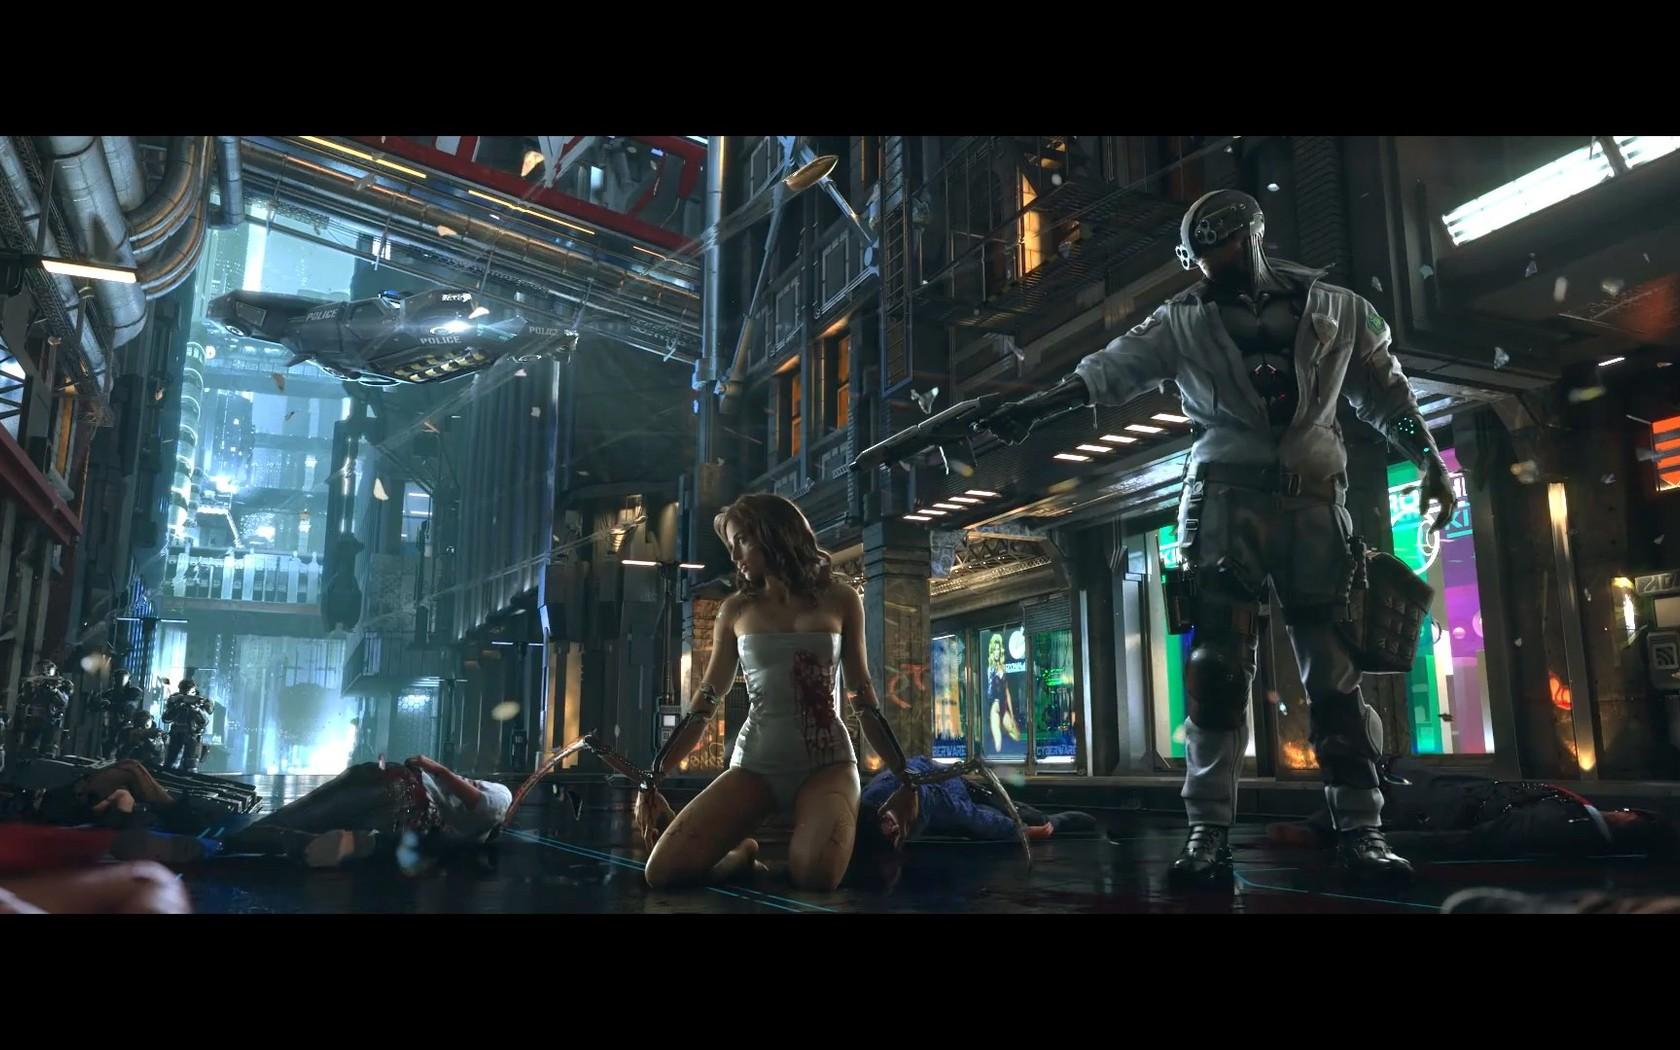 Fotos   Cyberpunk 2077 3 Wallpaper 1680x1050